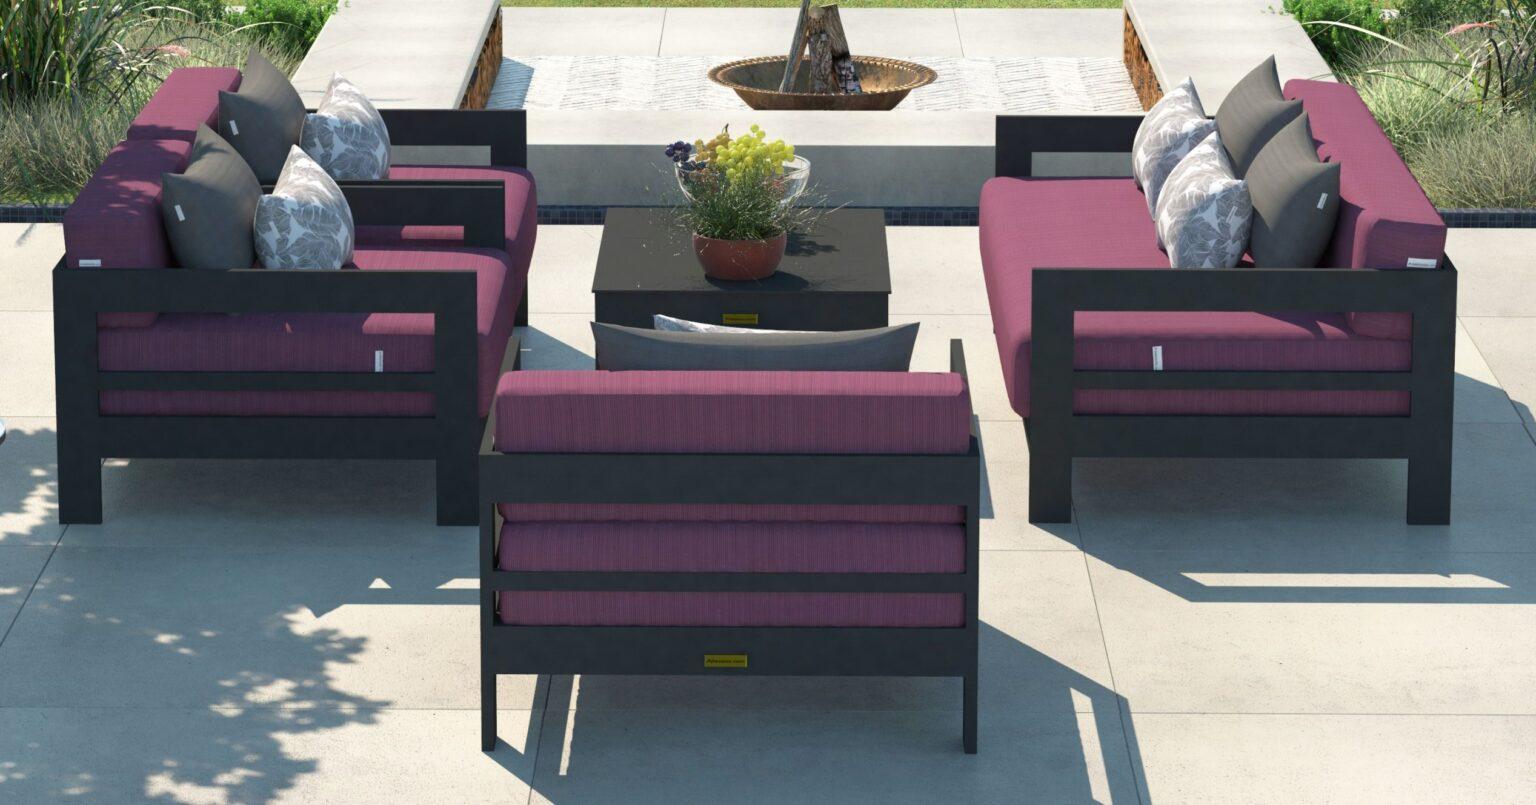 Altesano Lounge namjestaj - Vanjski namještaJ za terase